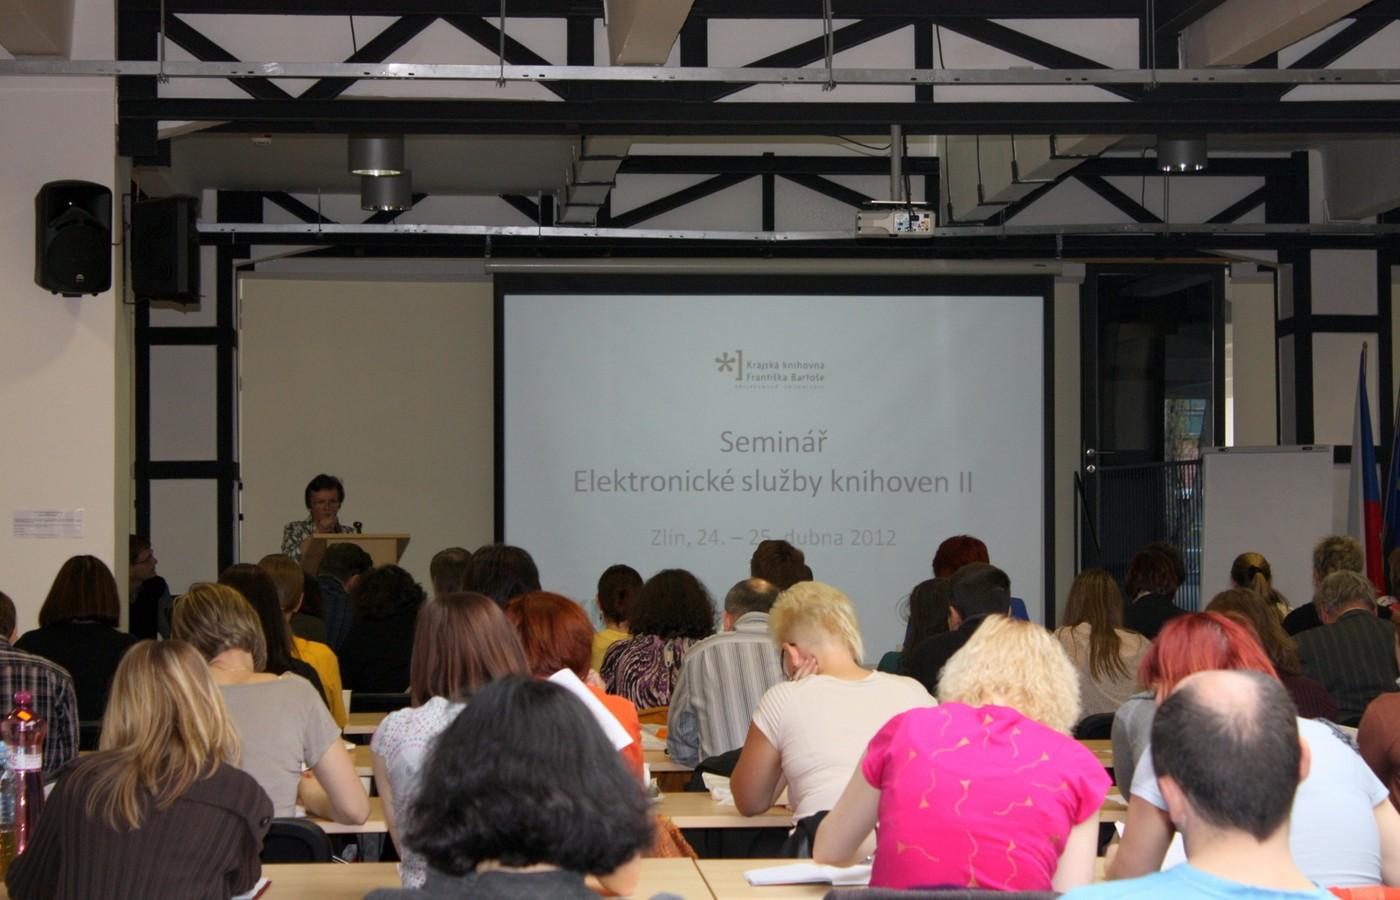 Při zahájení konference přivítala četné publikum RNDr. Helena Šimová